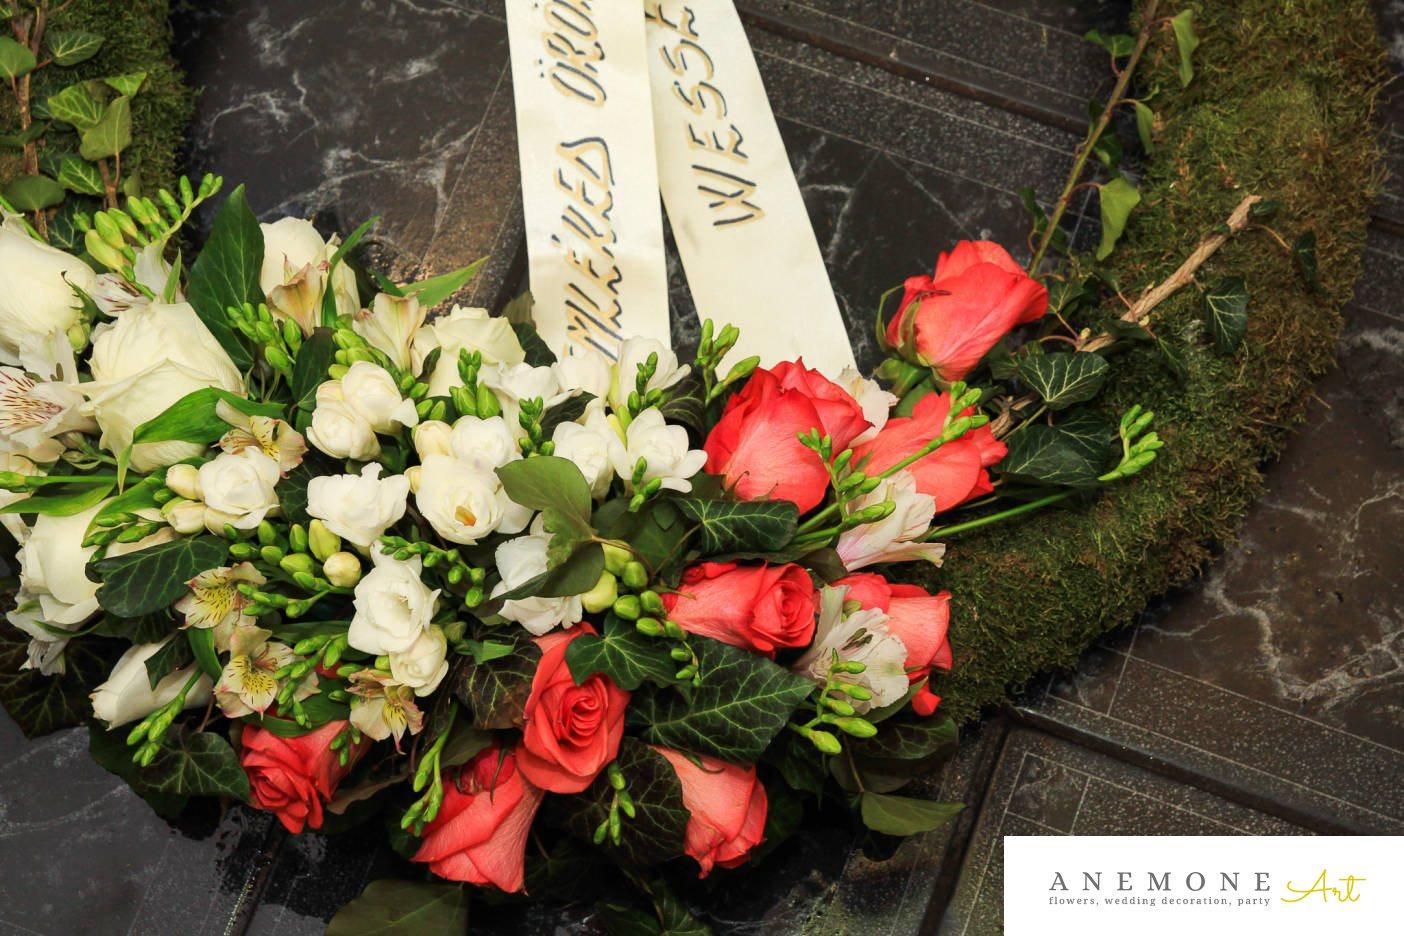 Poza, foto cu Flori de nunta alstroemeria, coroana funerara, frezii, lisianthus, muschi, rotund, trandafiri in Arad, Timisoara, Oradea (wedding flowers, bouquets) nunta Arad, Timisoara, Oradea